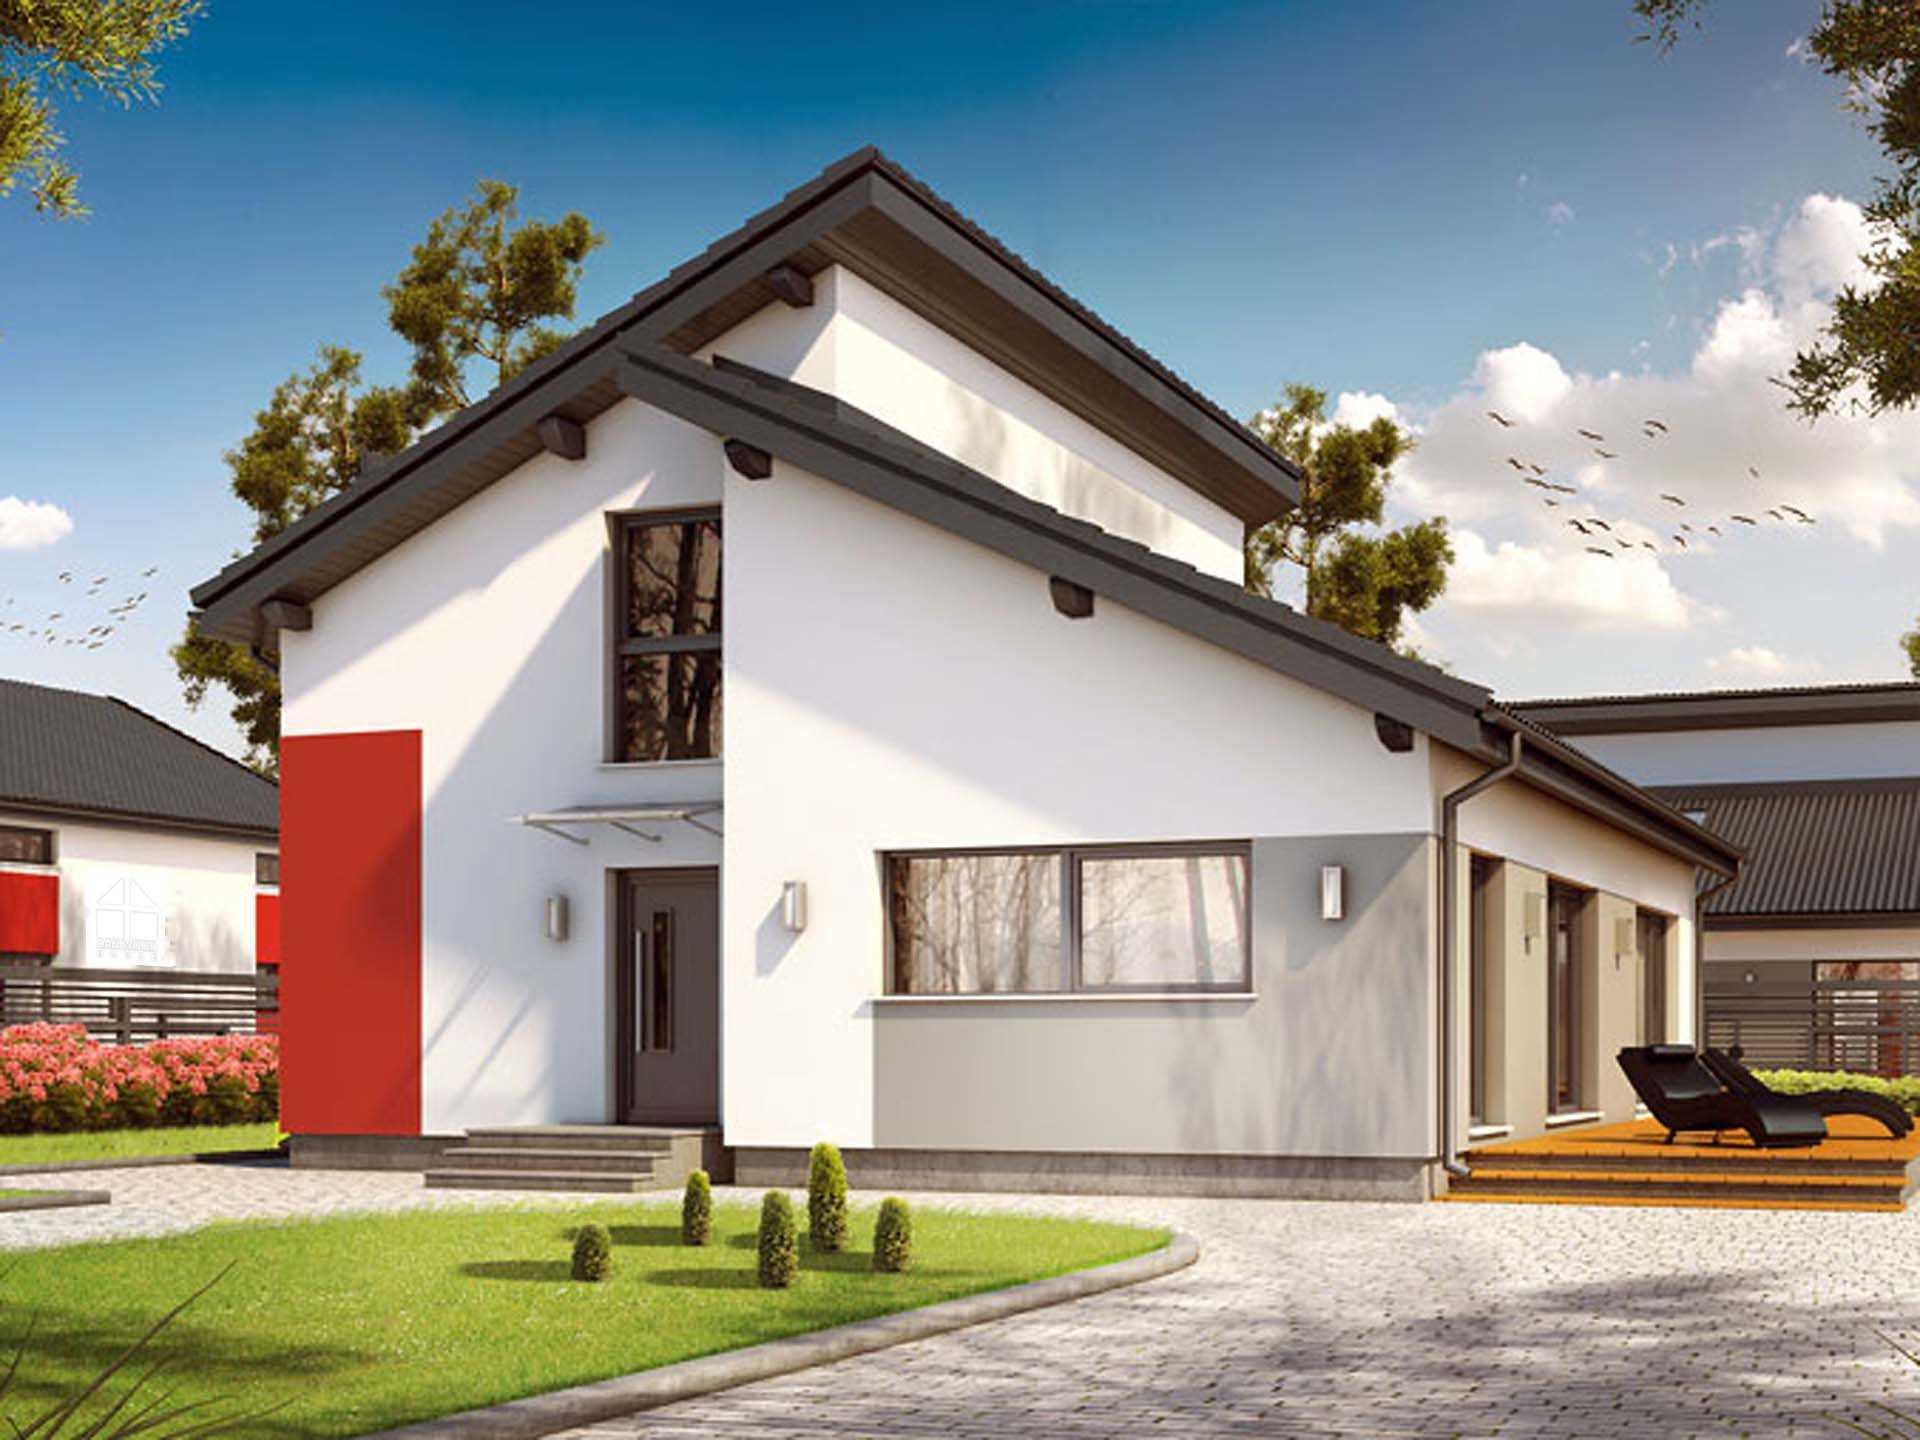 Pultdachhaus 135 von Hausfreu.de